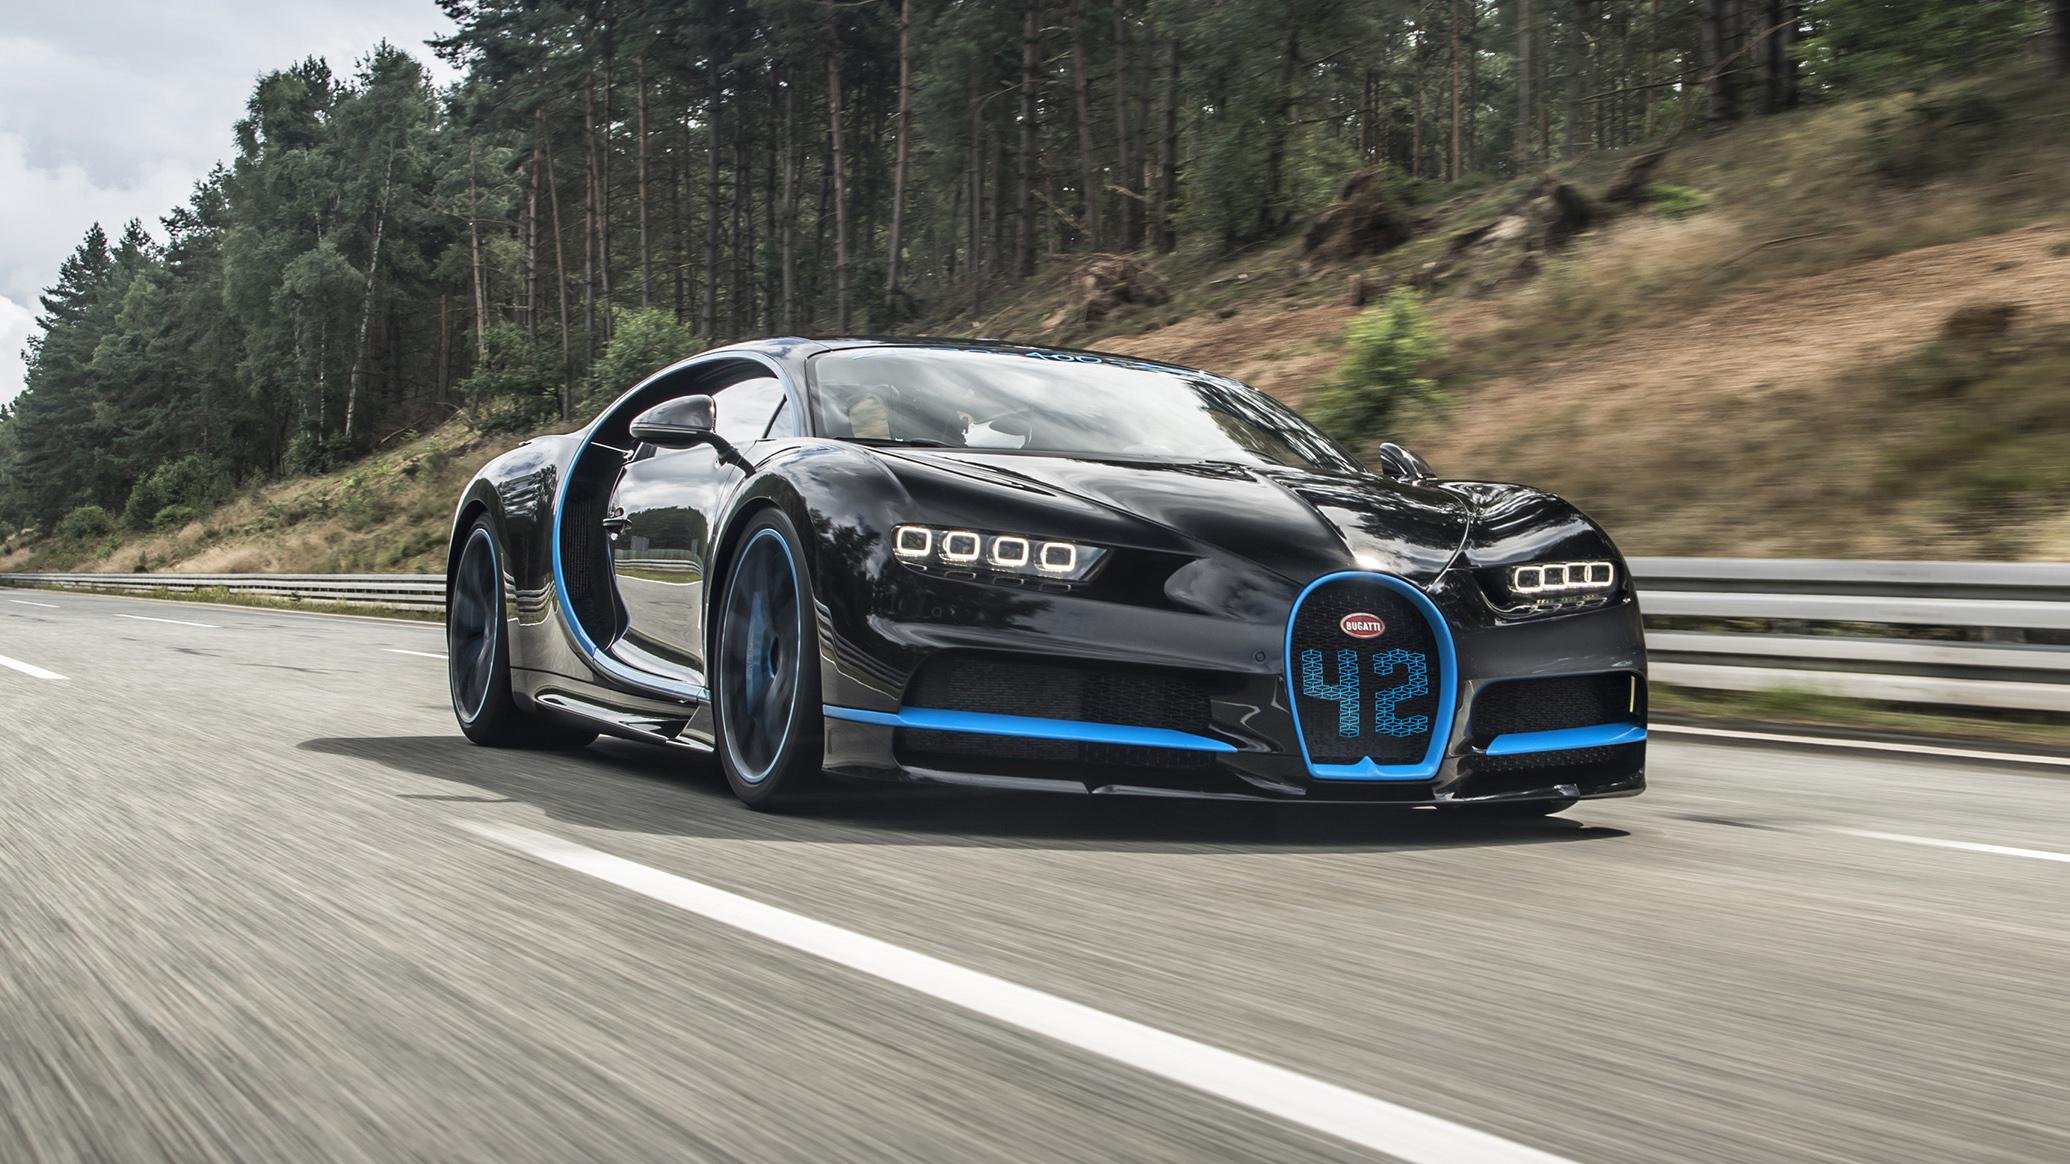 Bugatti Chiron record breaker front